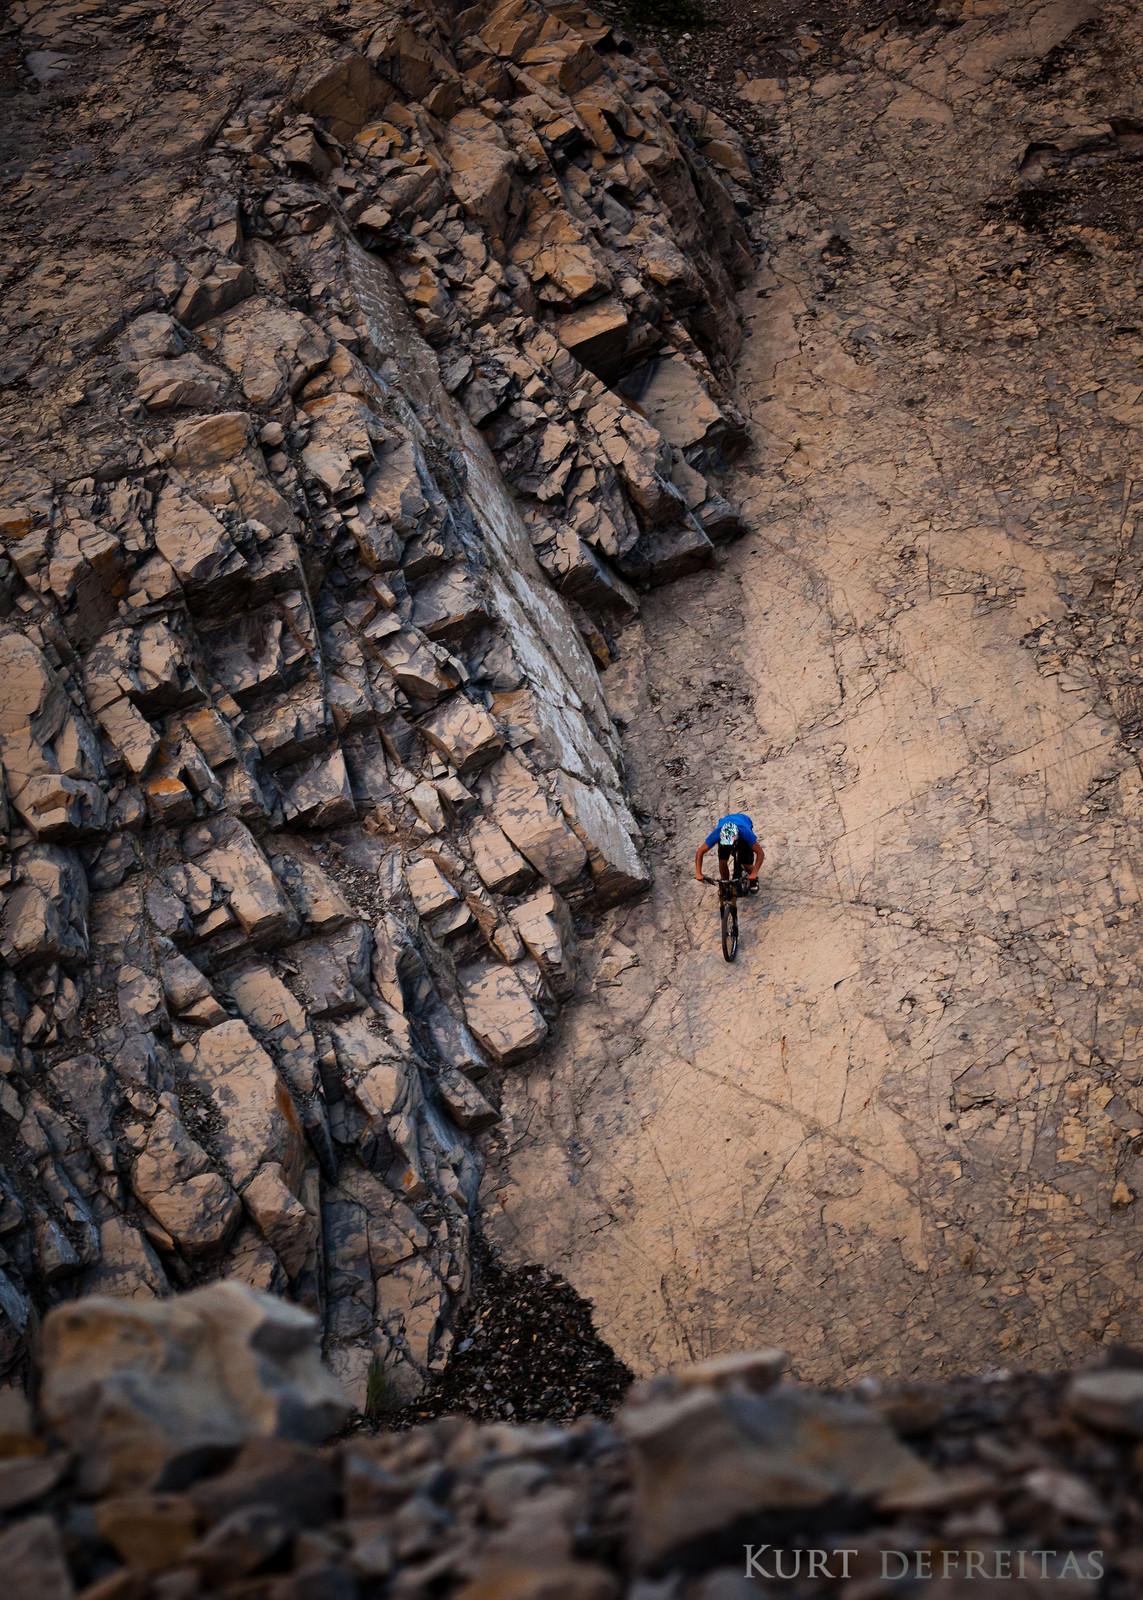 The slab  - Kurtdefreitas - Mountain Biking Pictures - Vital MTB